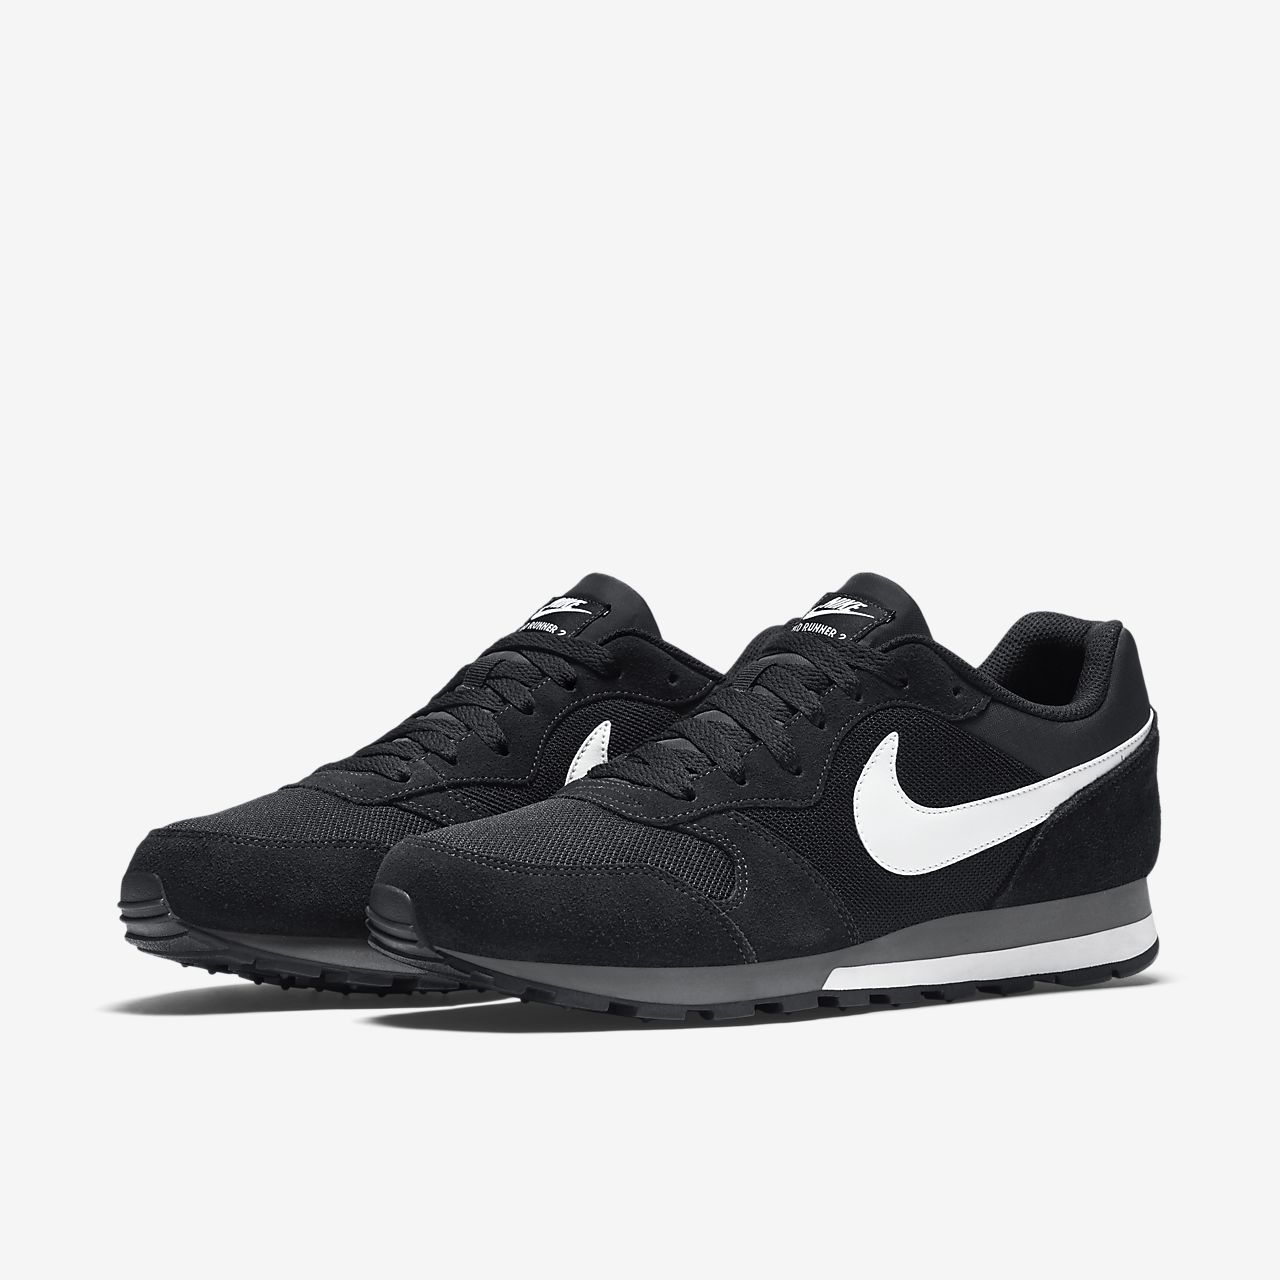 f1f54d0b5f9 Sapatilhas Nike MD Runner 2 para homem. Nike.com PT